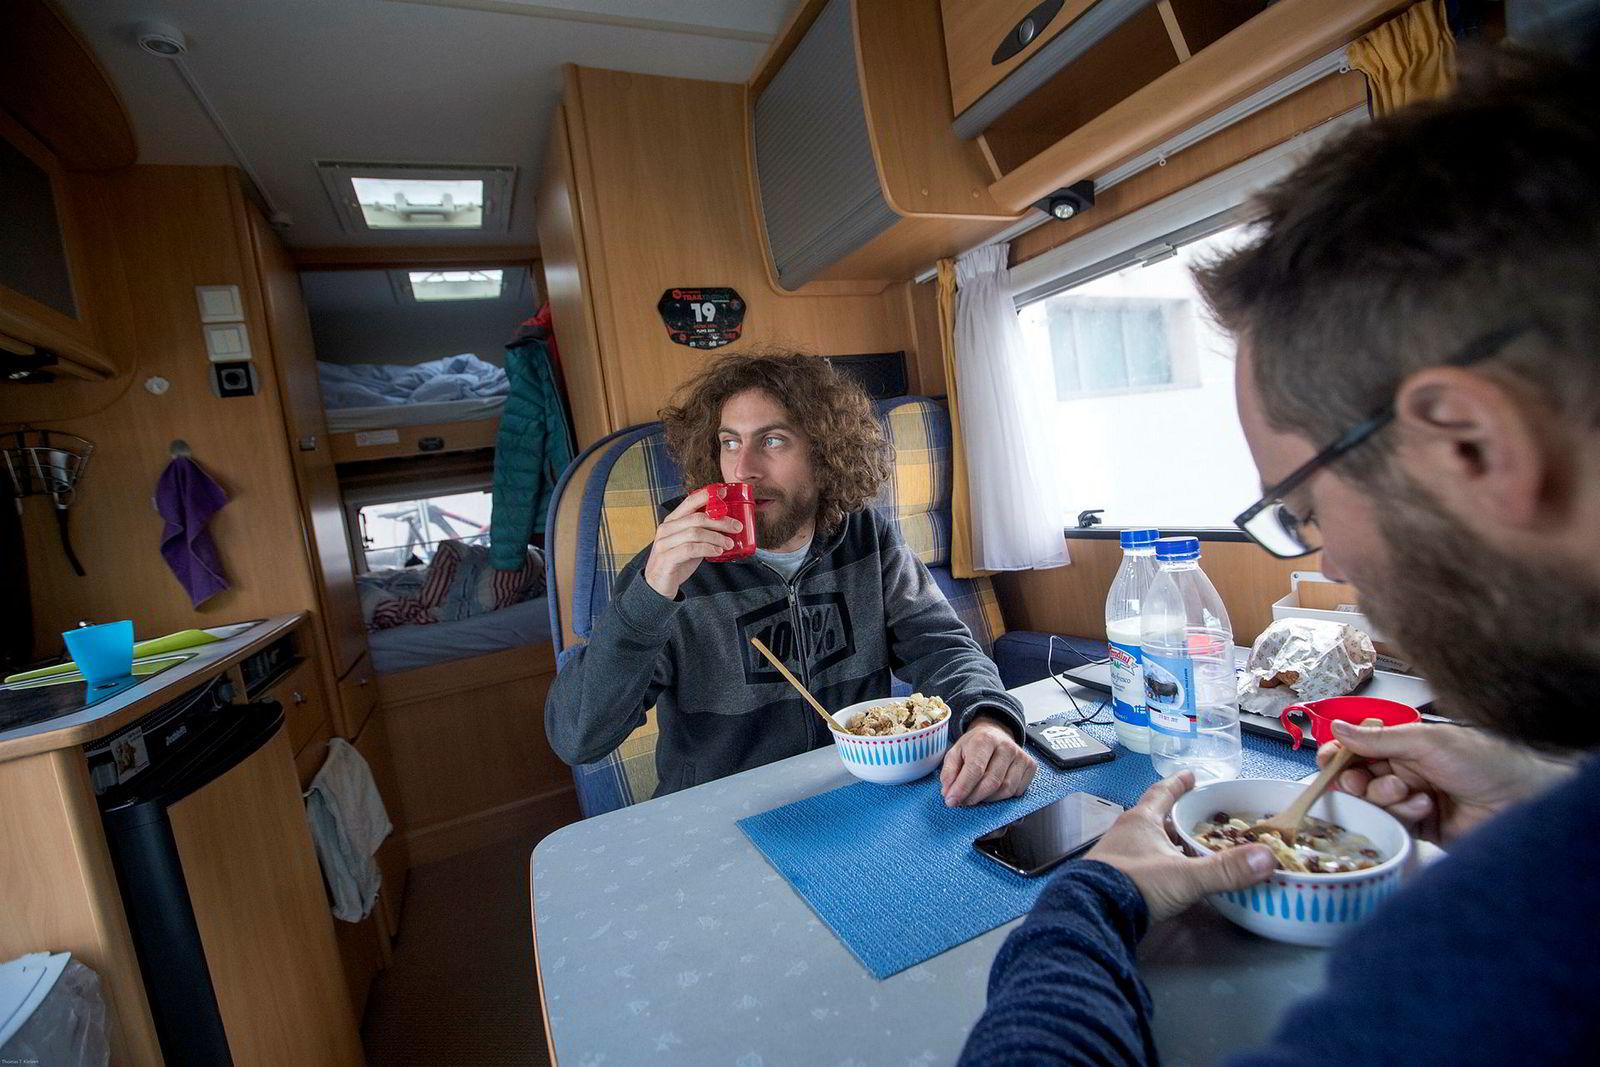 Peter Seidl er ansatt i Trailguide og brukte forrige sommer på å reise Europa rundt i bobil. Her spiser han frokost sammen med grunder Bjørn Jarle Kvande.